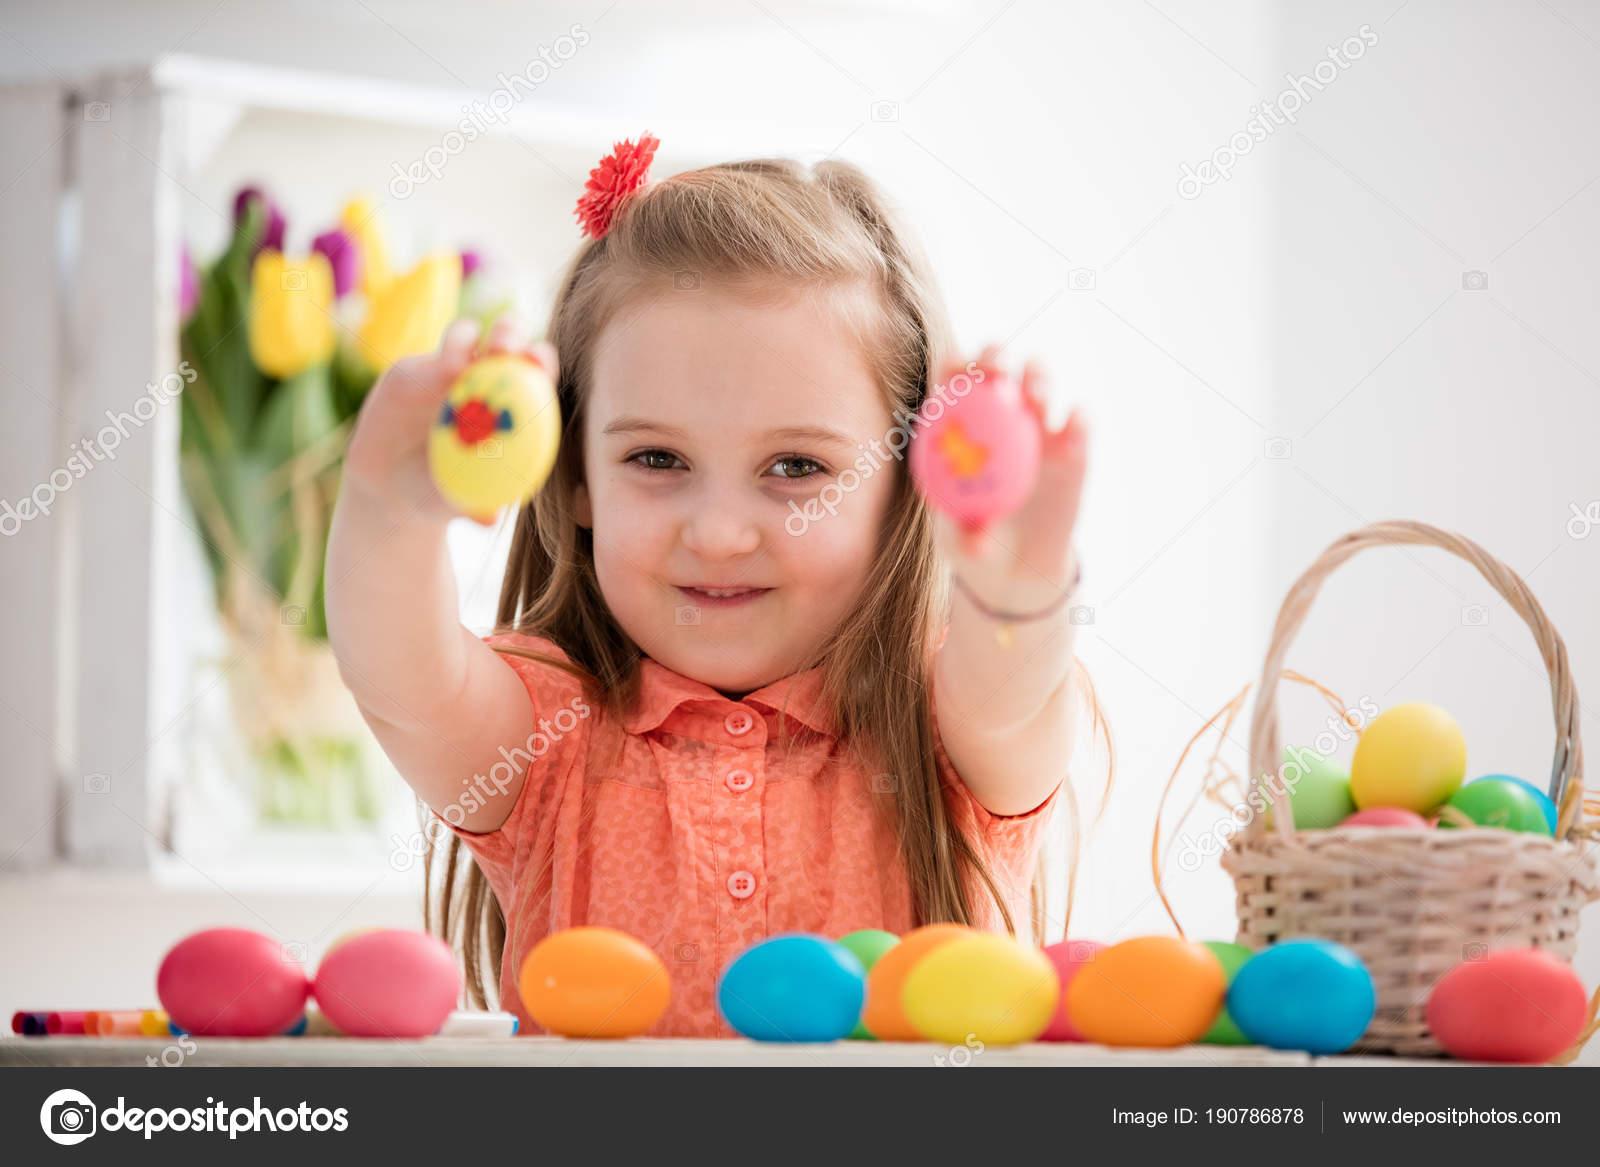 Küçük Kız Renkli Yumurta Boyaması Gösterilen Stok Foto Photocreo